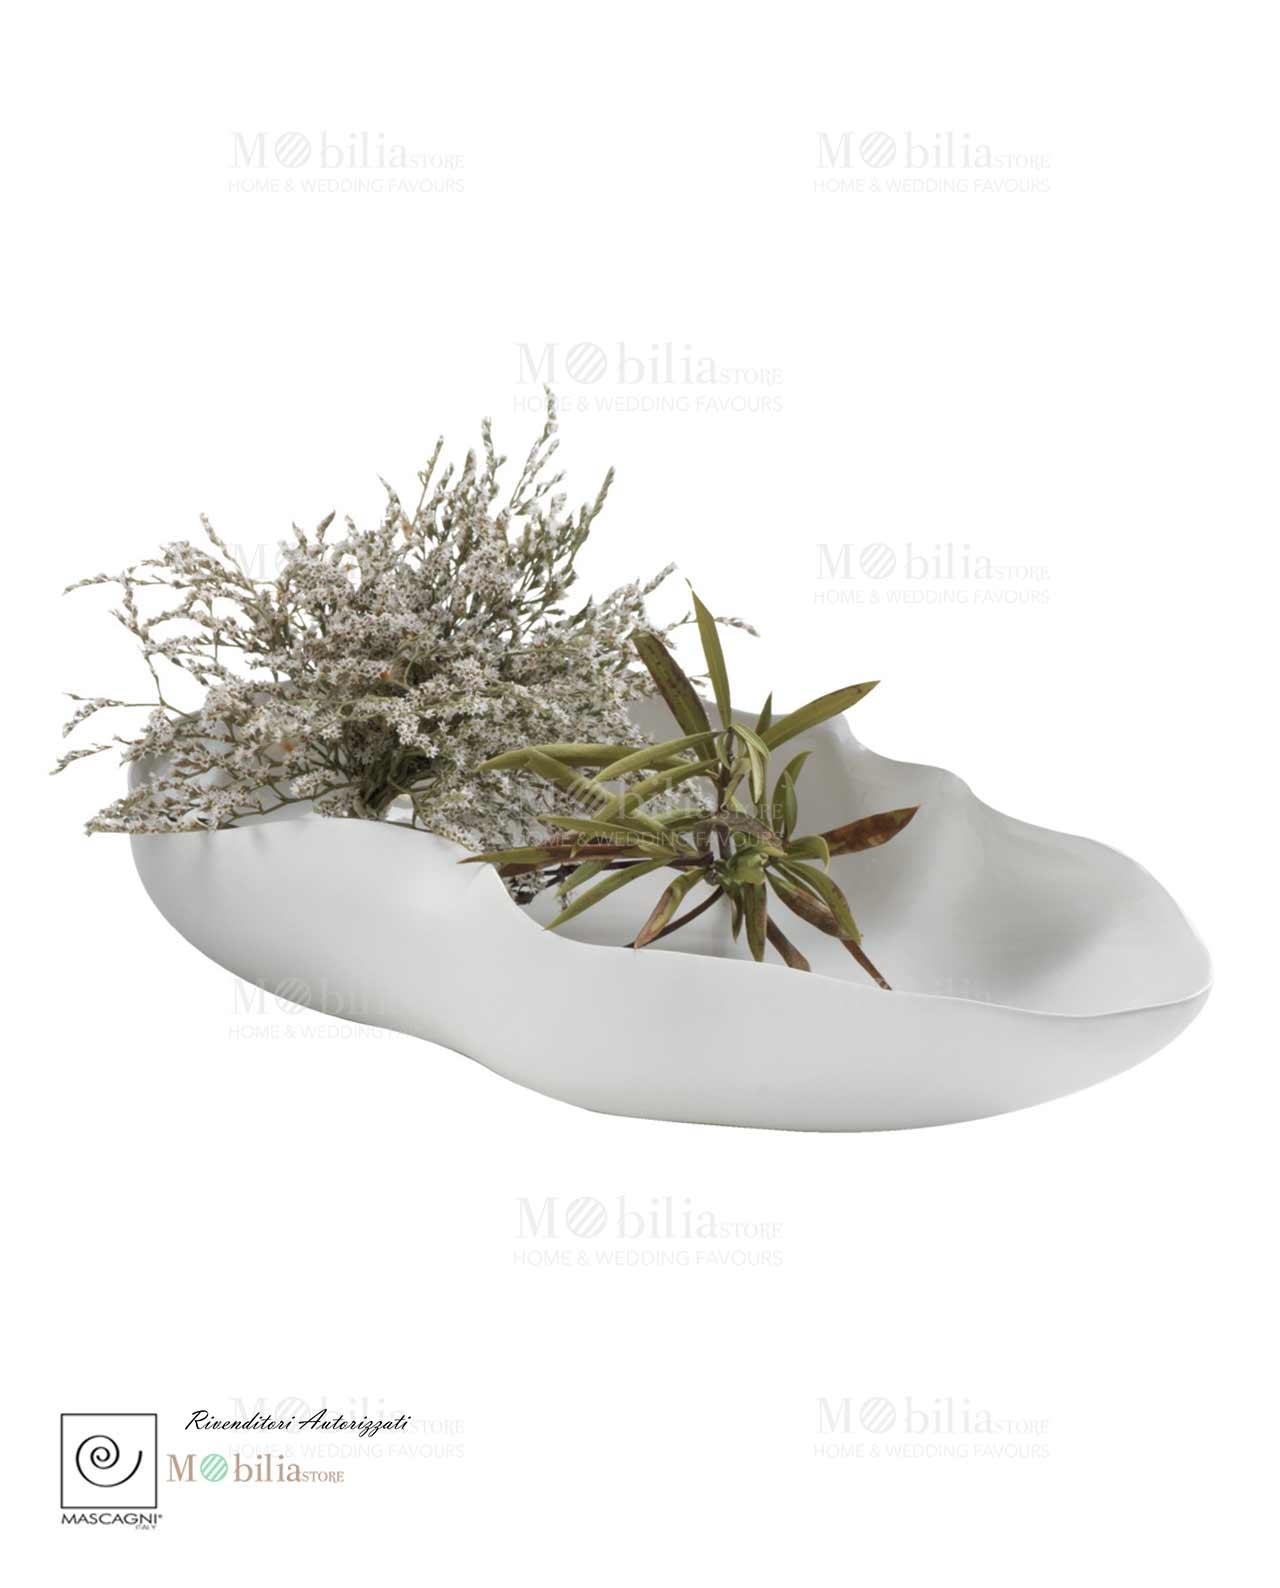 Centrotavola moderno in ceramica mobilia store home for Centrotavola design moderno